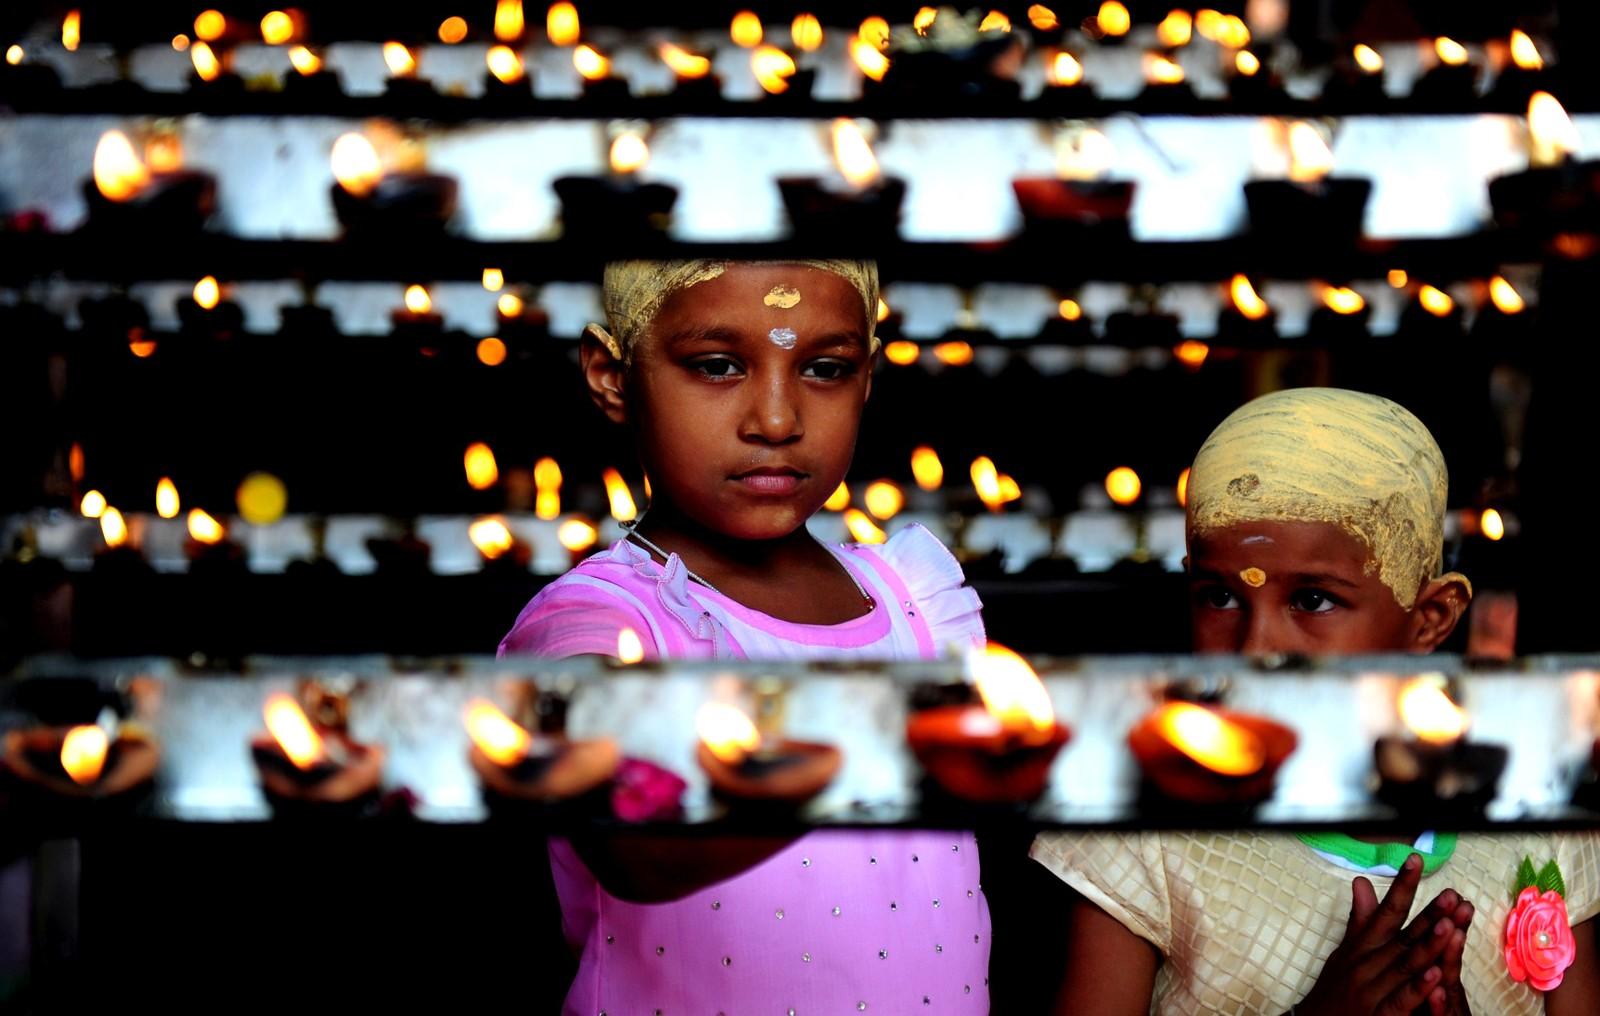 """Indiske hinduer tenner lys under markeringen av """"Aadi Khiruthigai"""" ved Vadapalani Murugan-tempelet i Chennai i India den 28. juli. Aadi er den fjerde måneden i den tamilske kalenderen, og blir regnet for å være hellig. Måneden feires med ritualer hvor de dyrker gudene."""